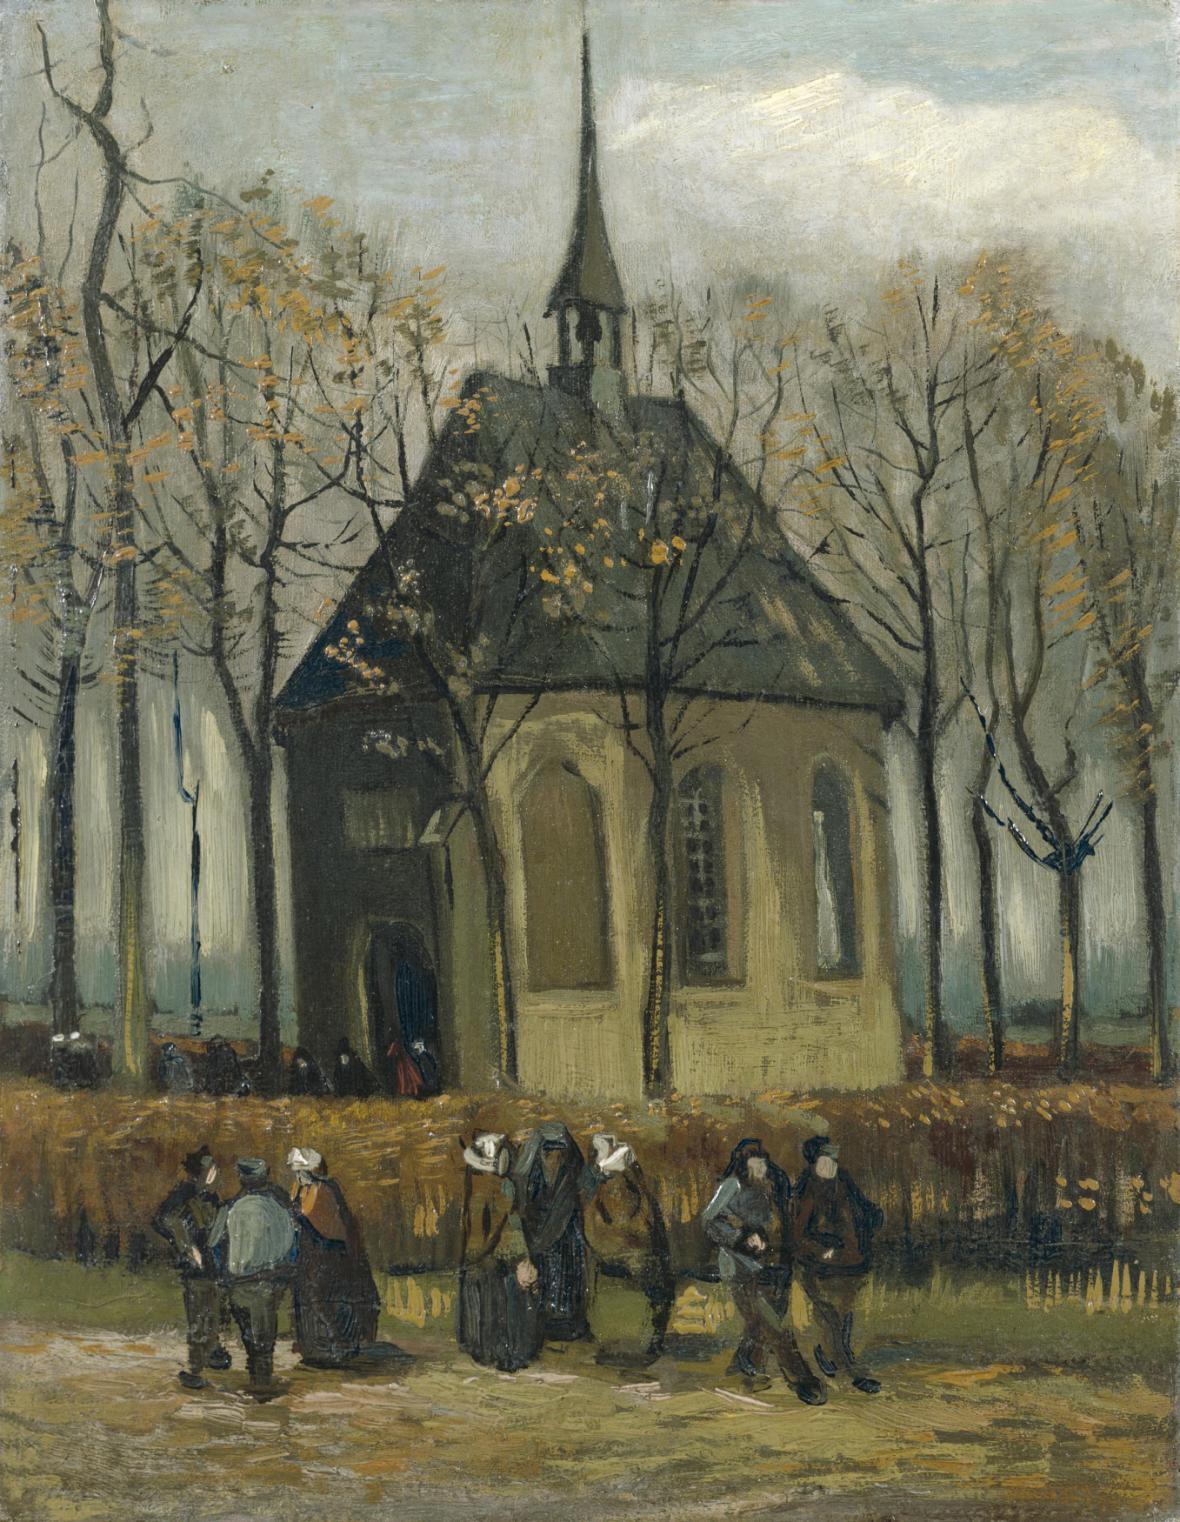 Farníci opouštějí kostel v Nuenenu